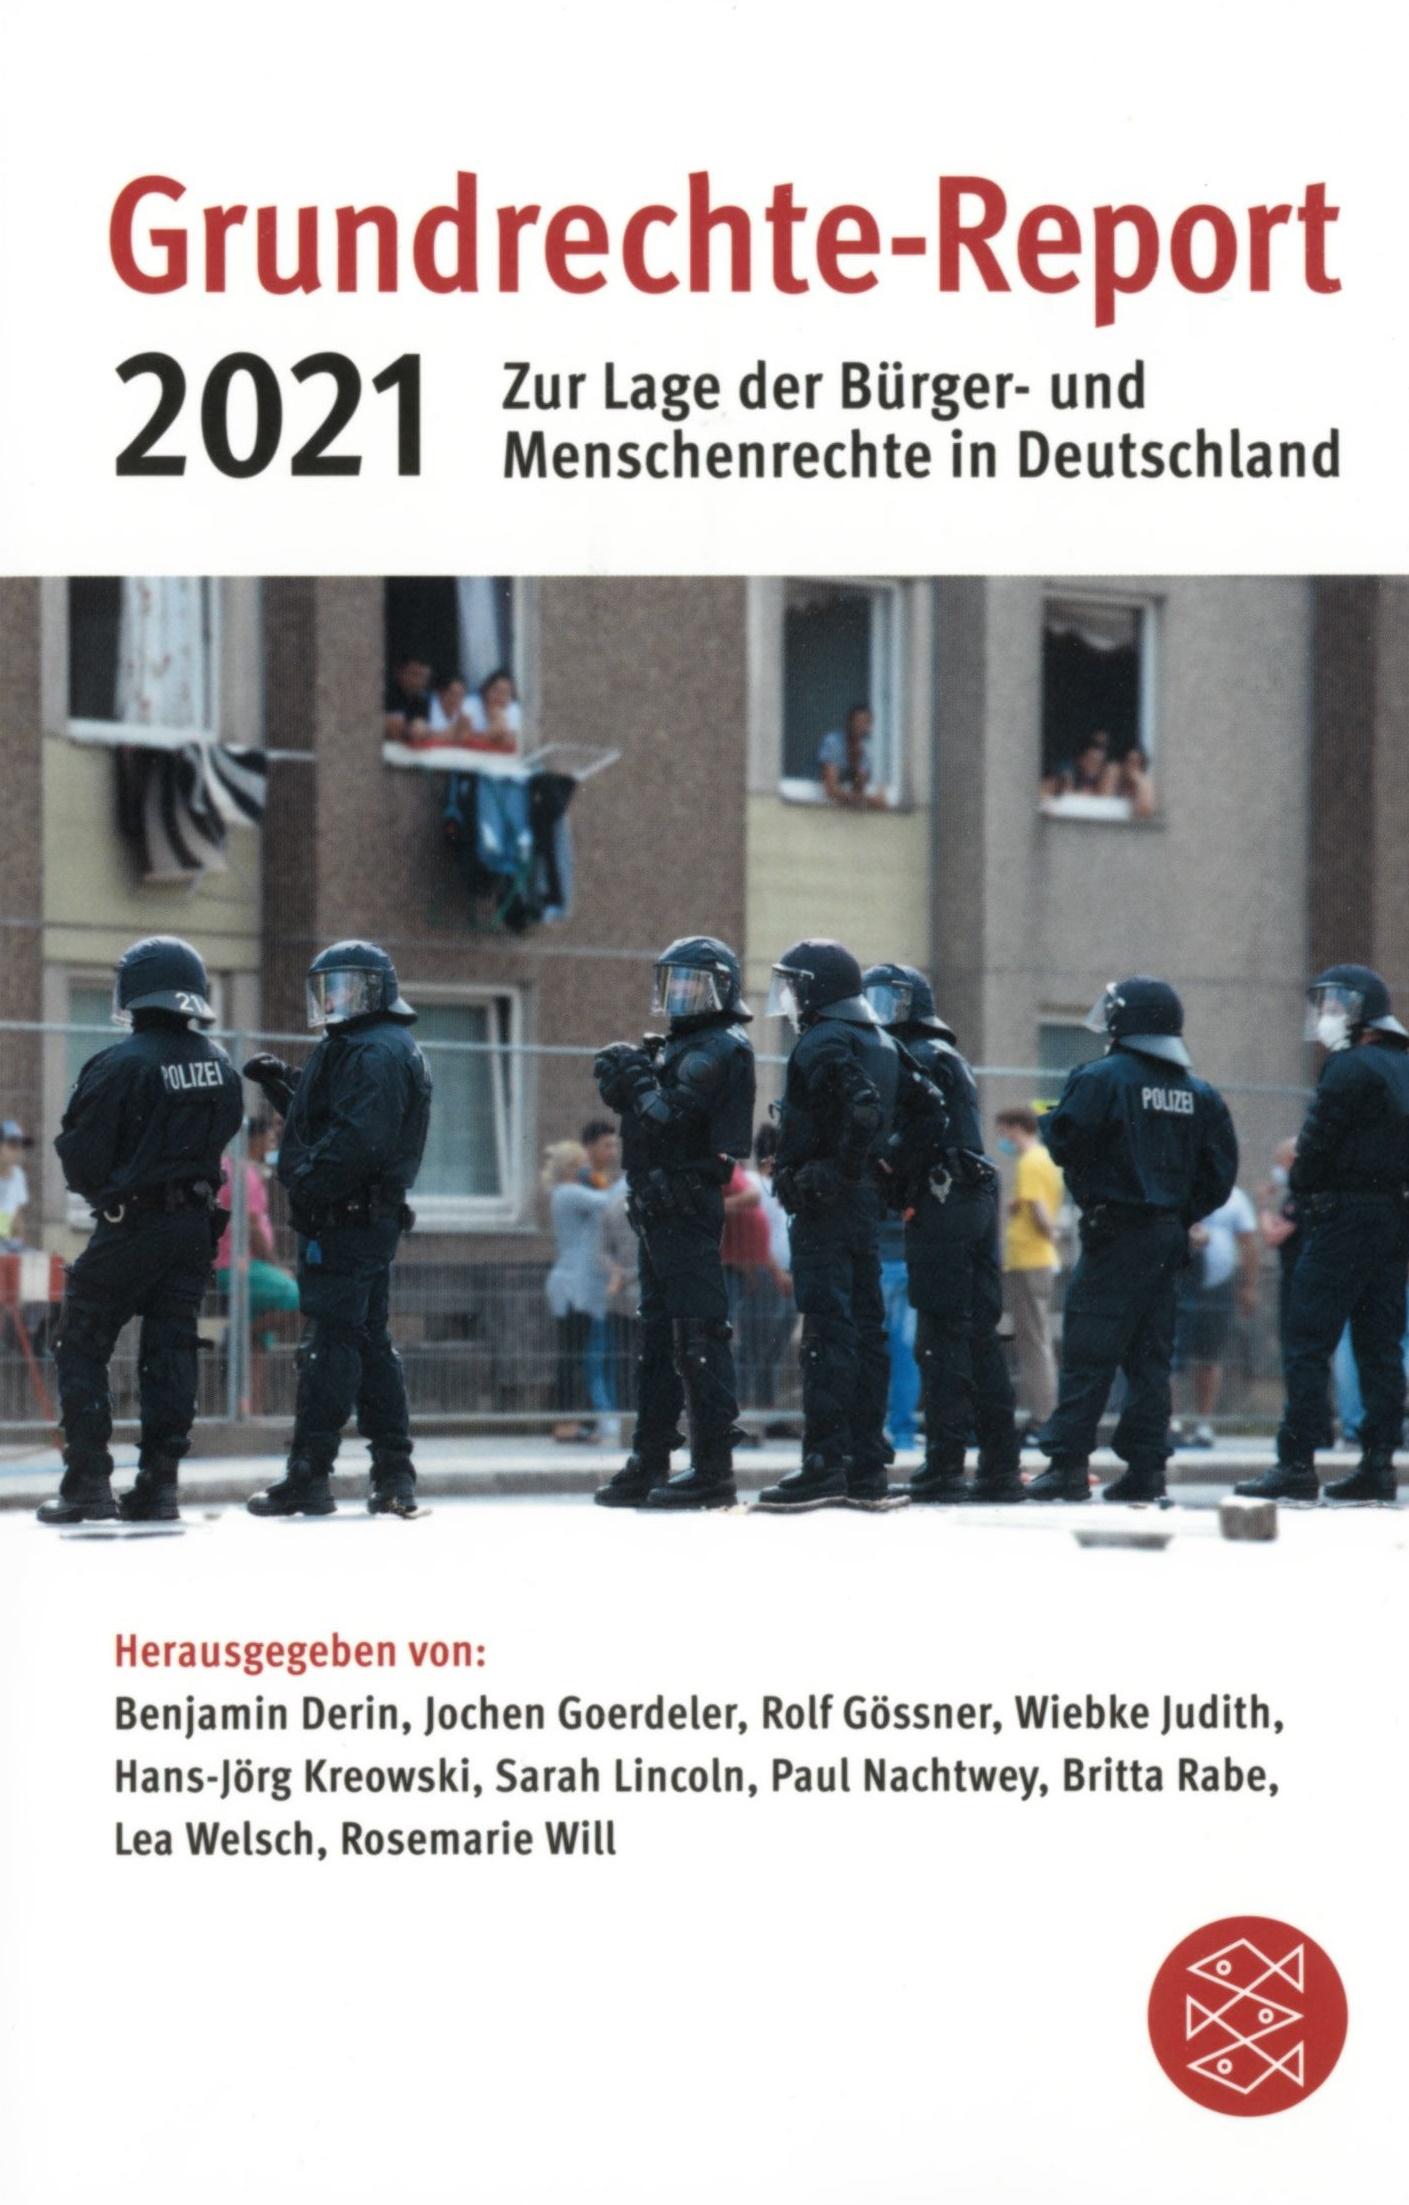 Beitragsbild Grundrechte-Report 2021: Ungleiche Freiheiten und Rechte in der Krise